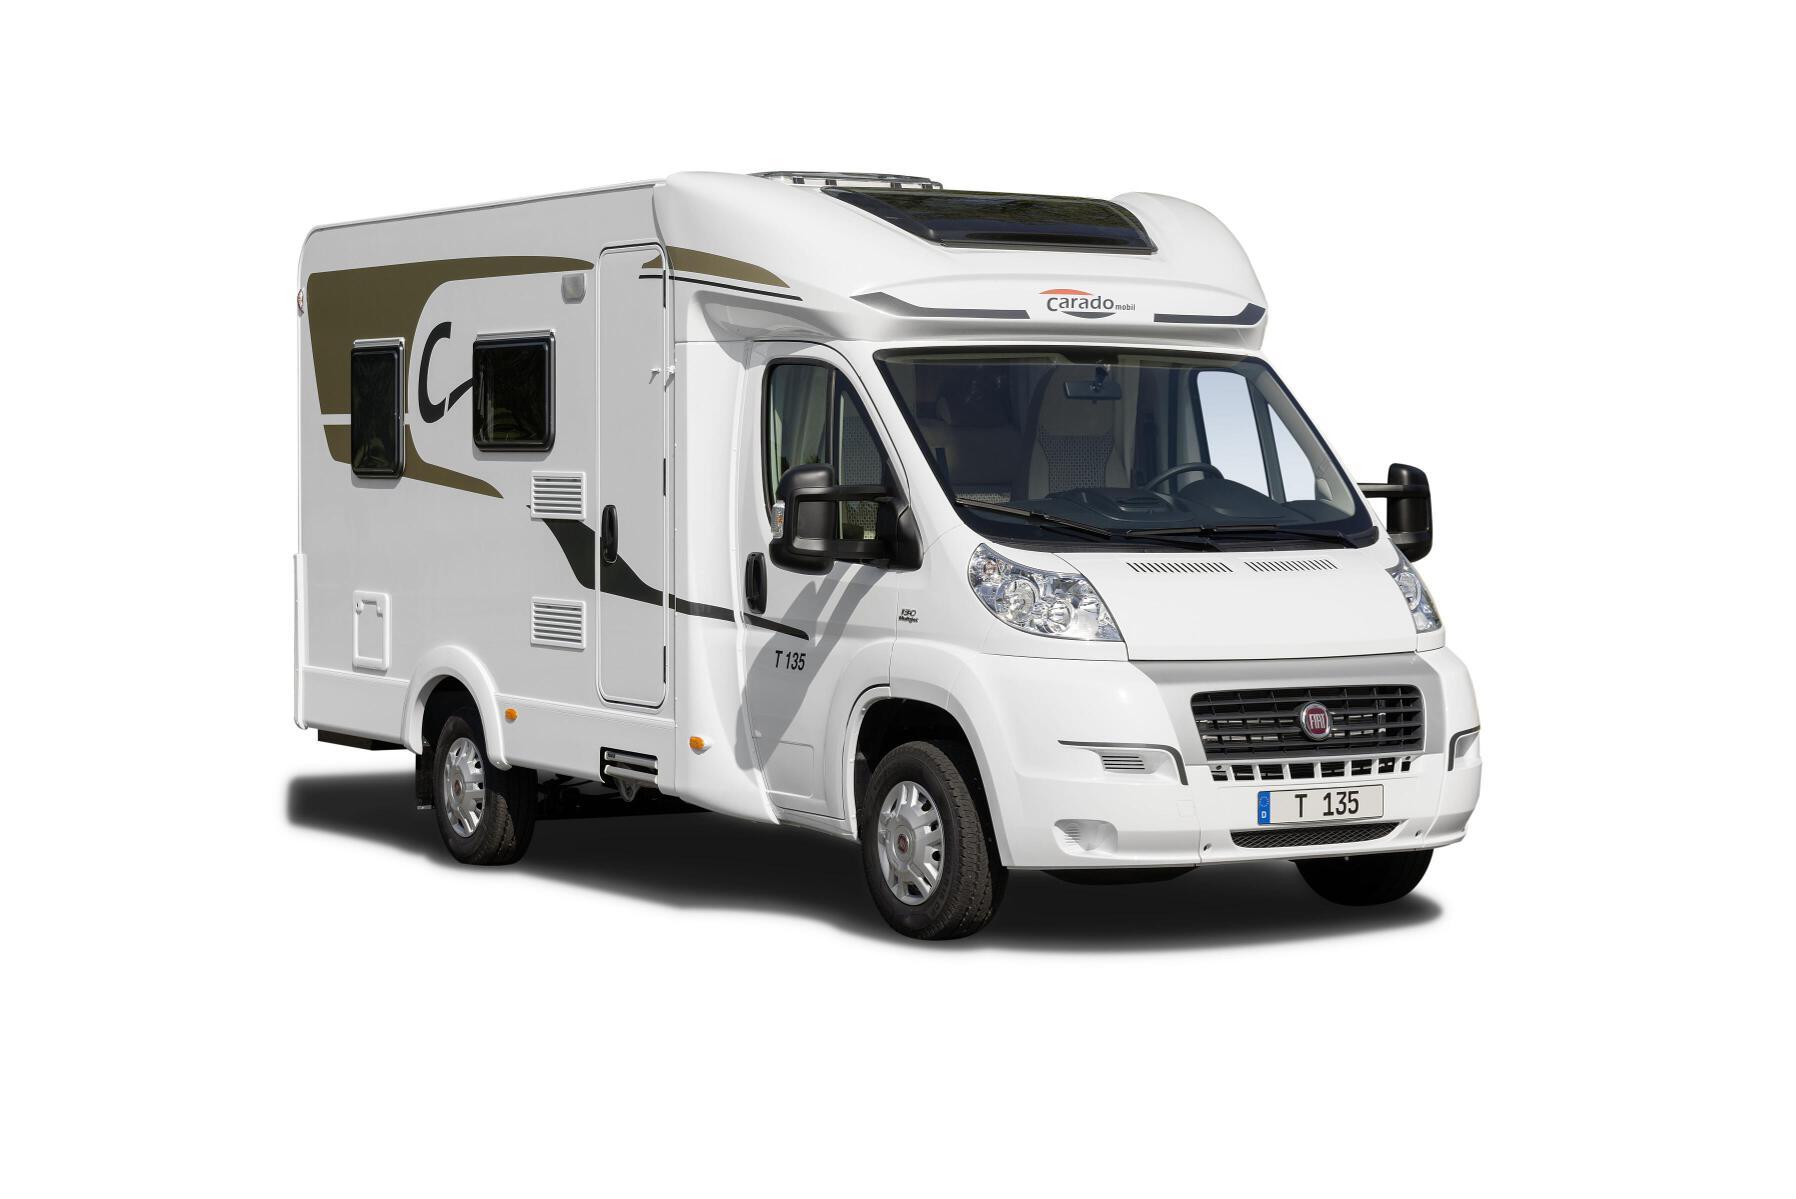 Carado mit neuen Modellen: Reisemobil T 132 und Einstiegs-Caravan Delight. © spothits/Carado